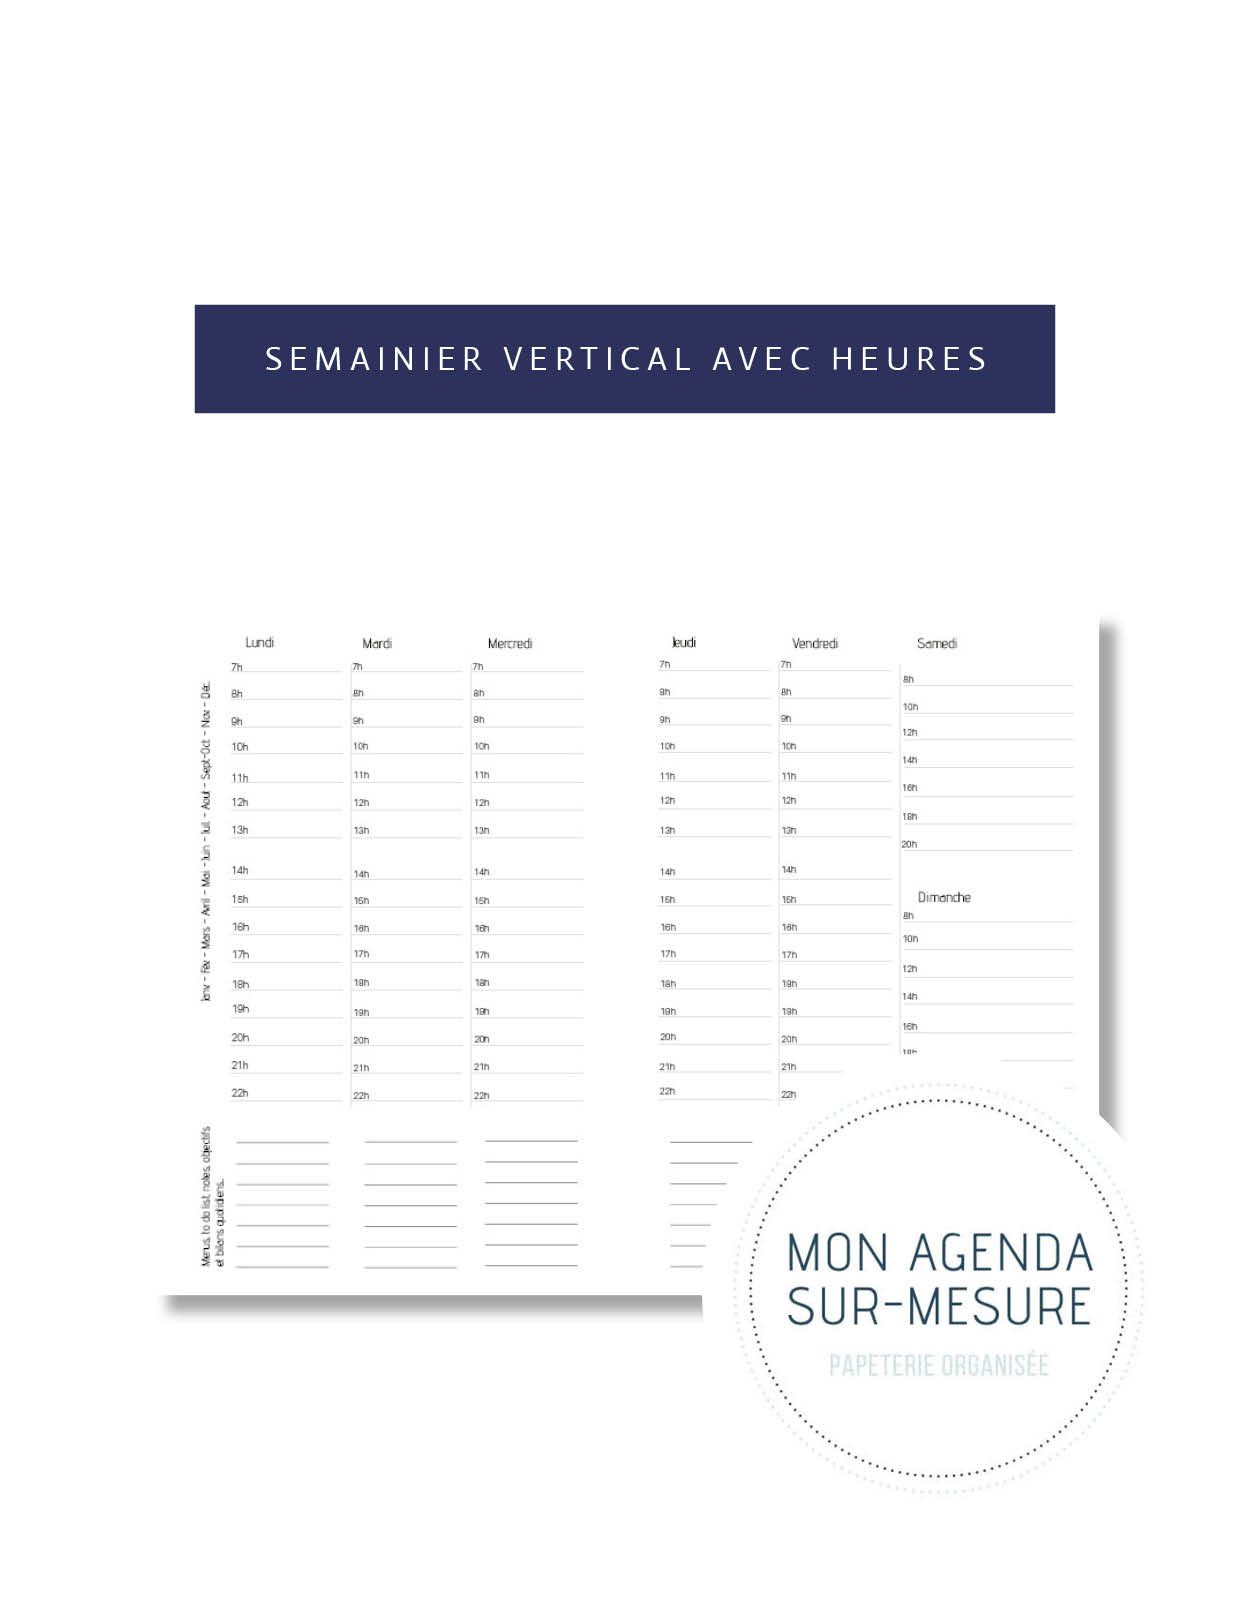 page-agenda-sur-mesure-semainier-vertical-avec-heures